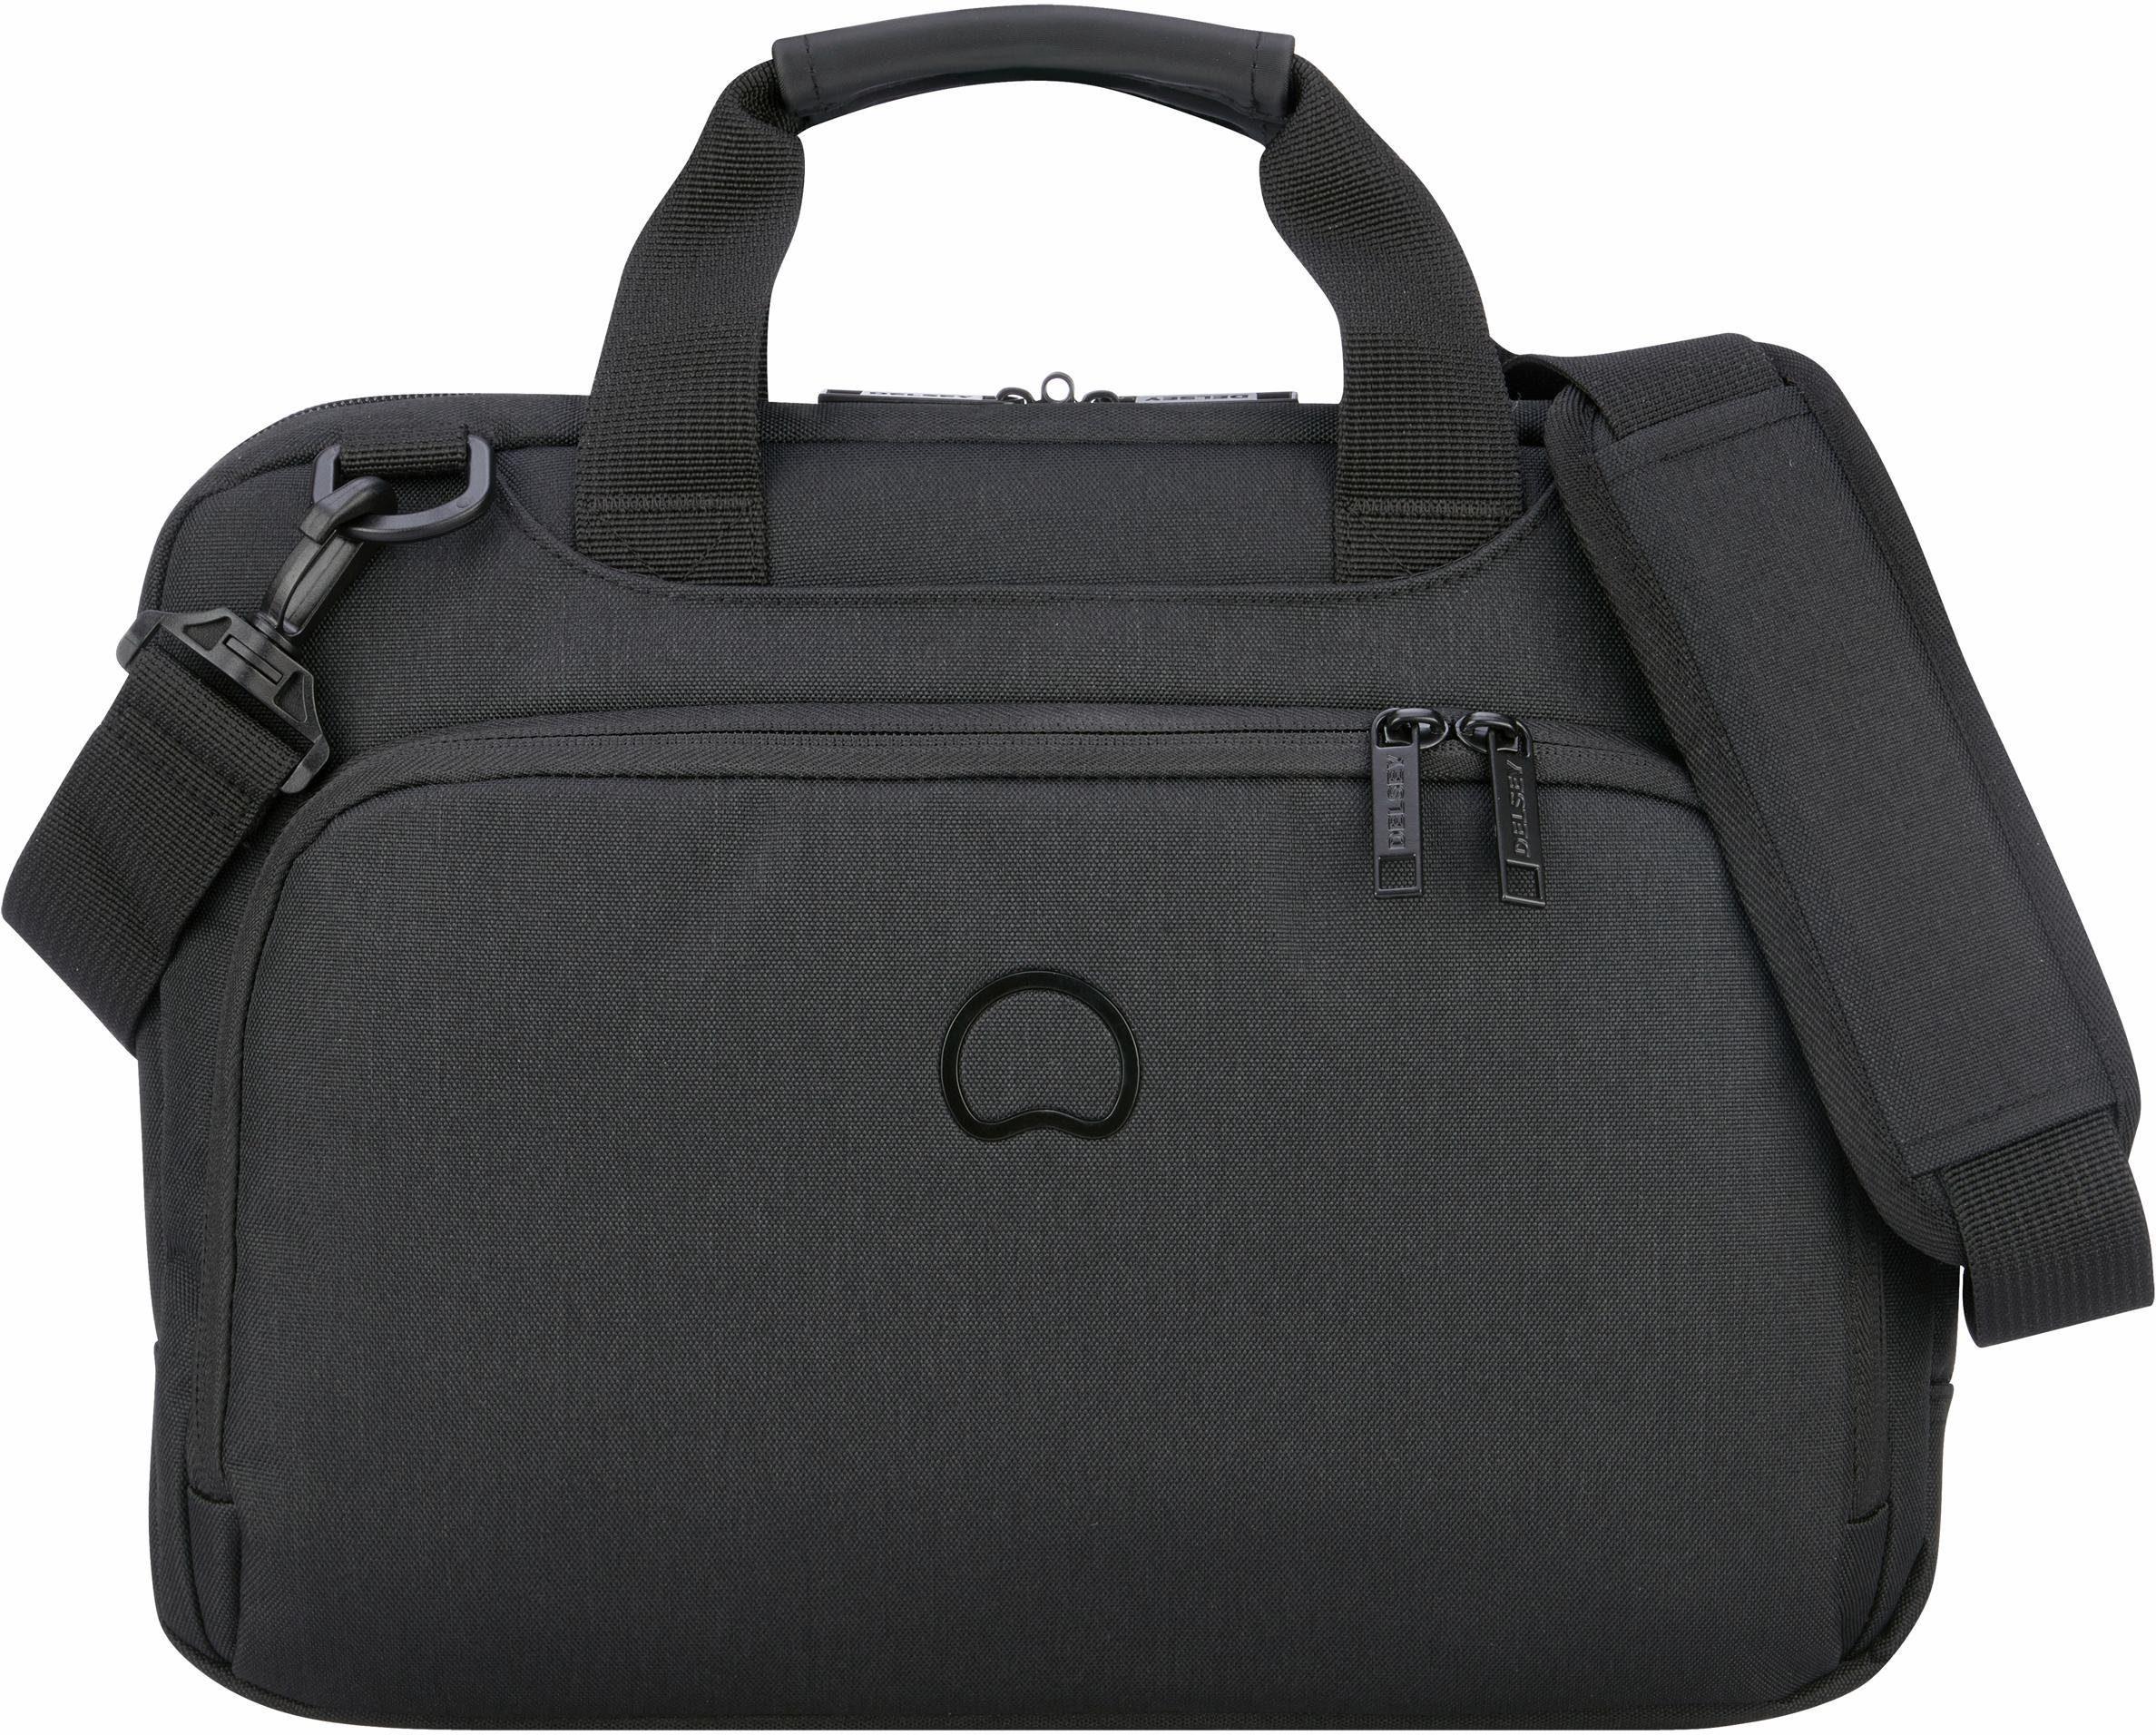 DELSEY Aktentasche mit 13,3-Zoll Laptopfach, »Esplanade, 1 Fach, schwarz«